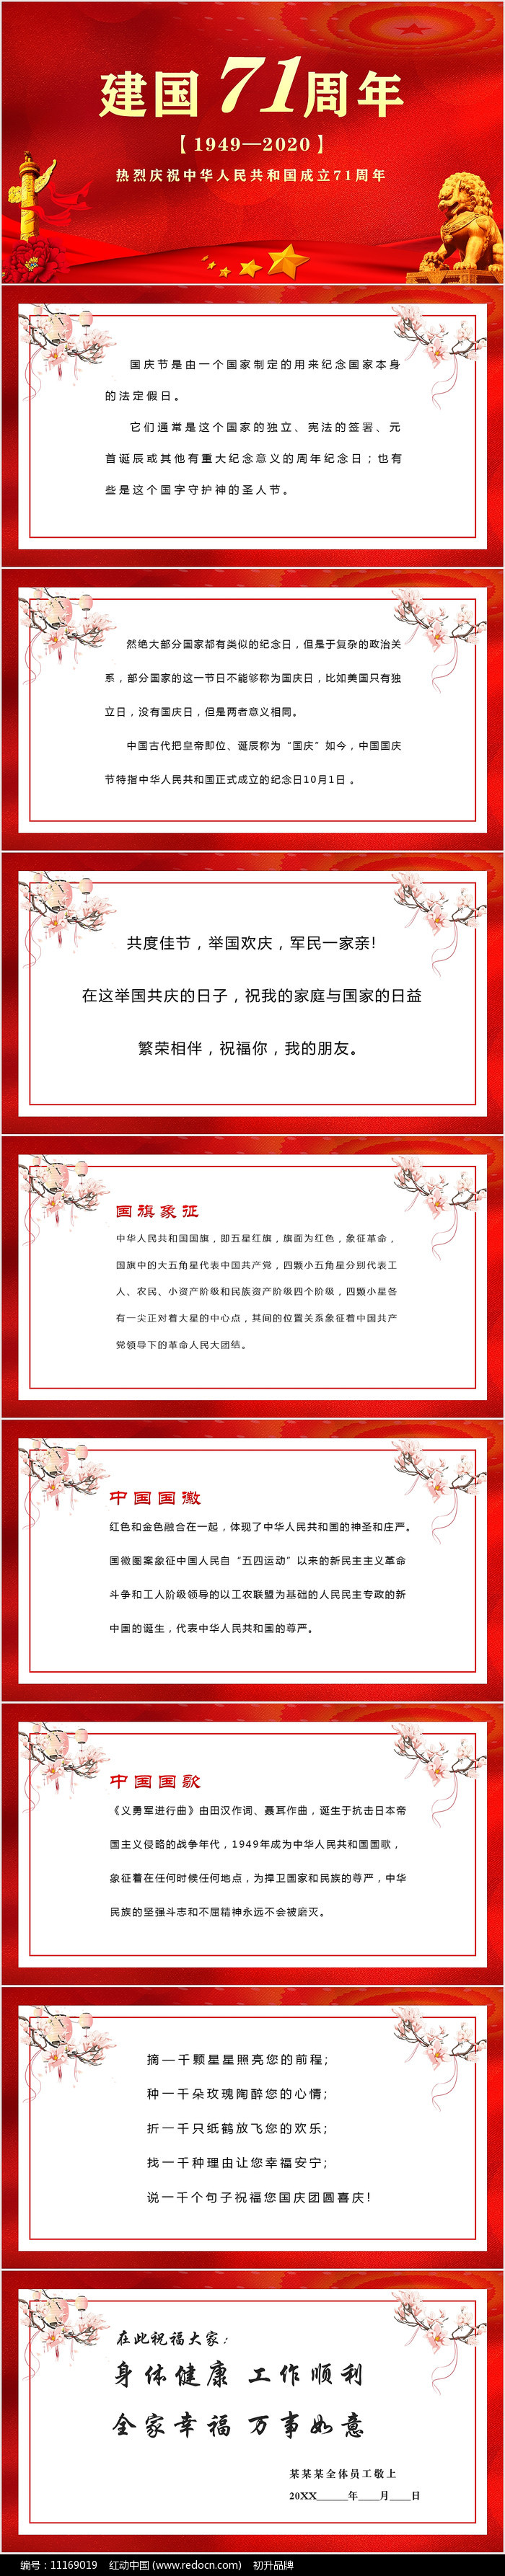 国庆节电子贺卡PPT模板